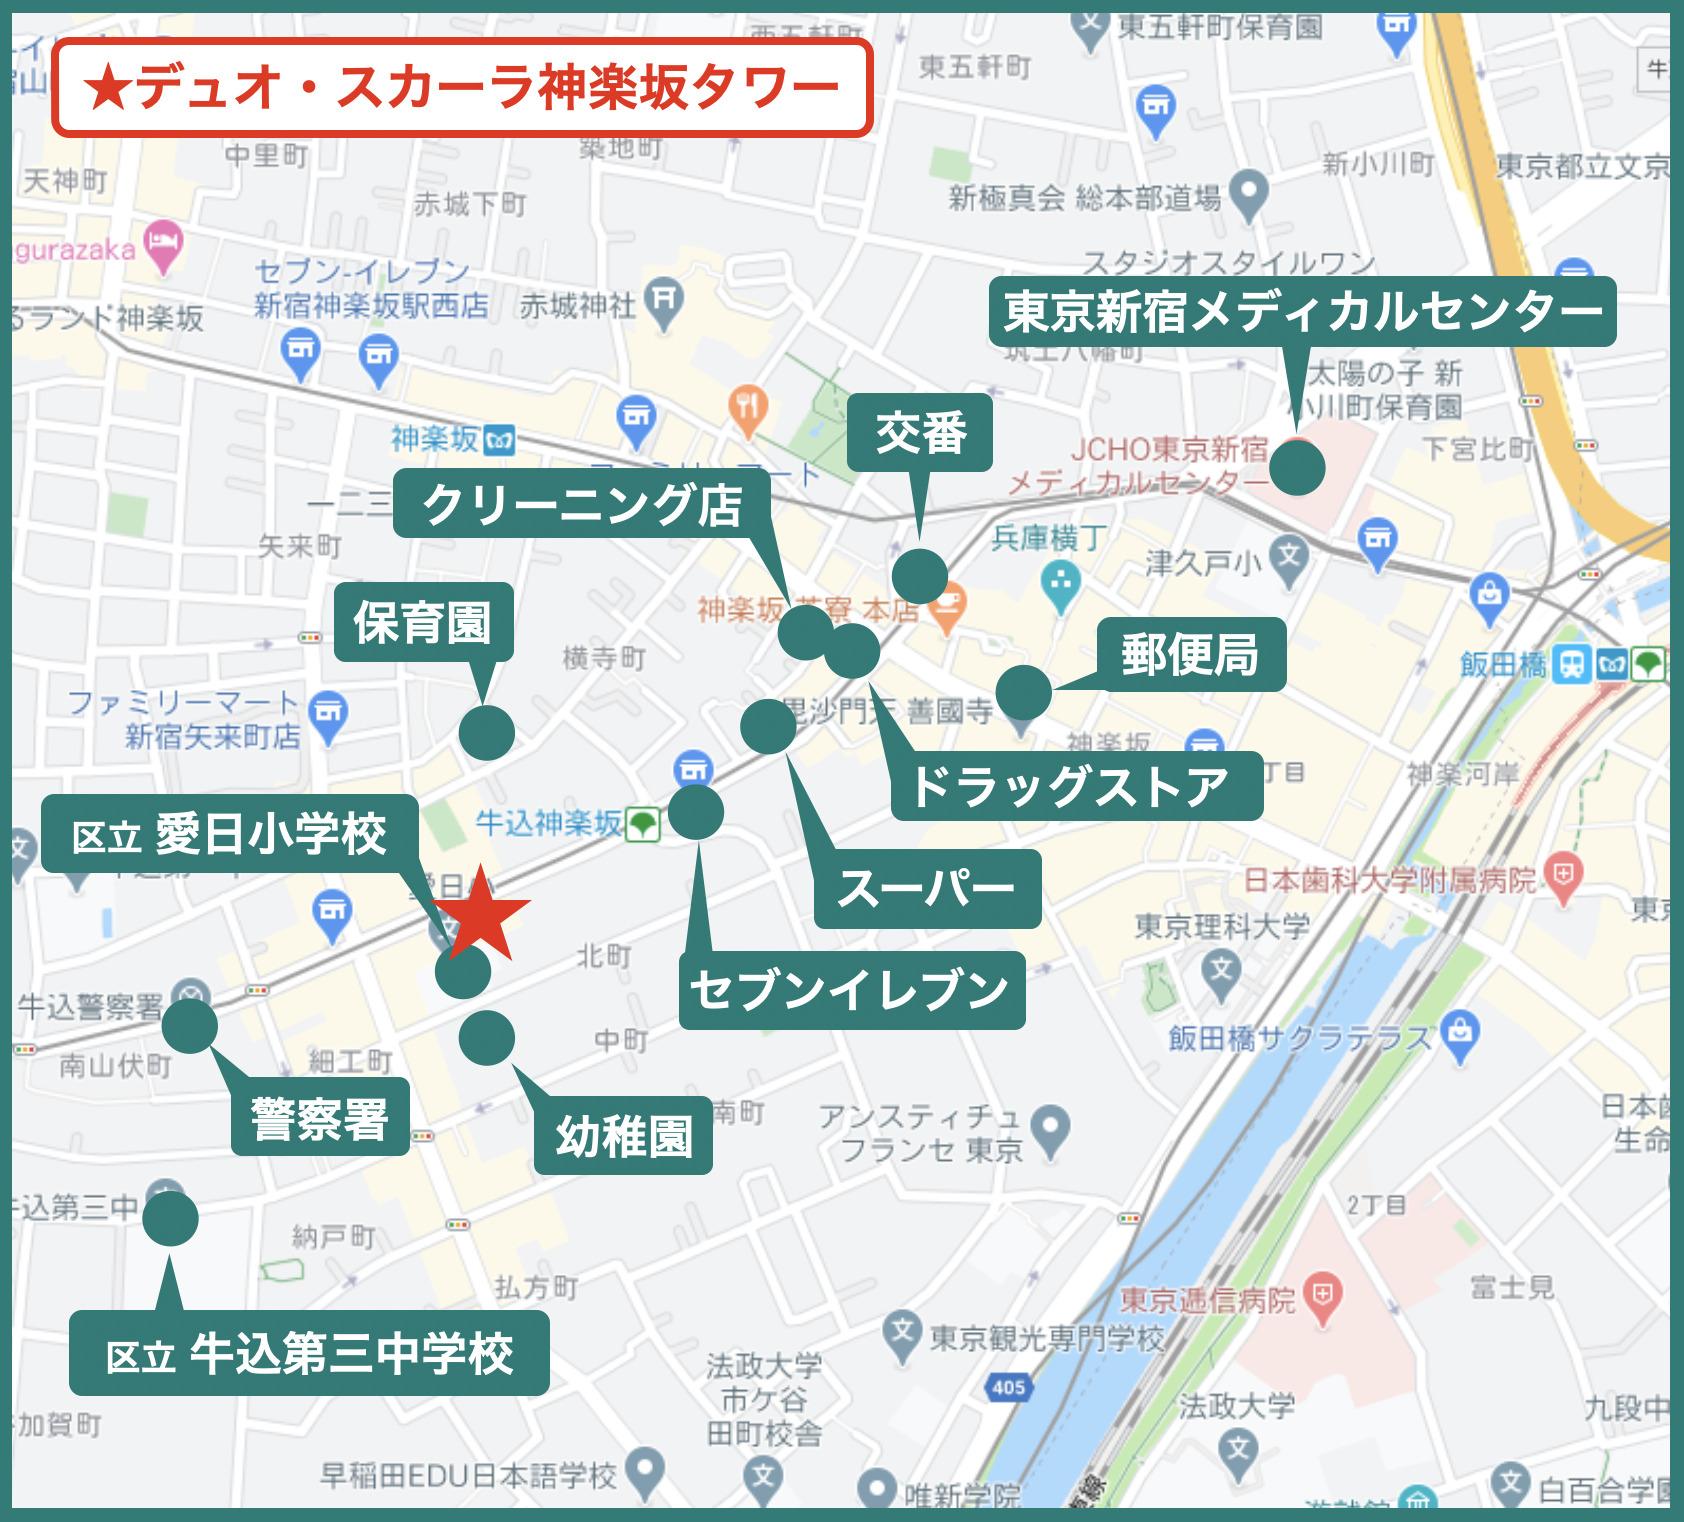 ★デュオ・スカーラ神楽坂タワーの周辺施設